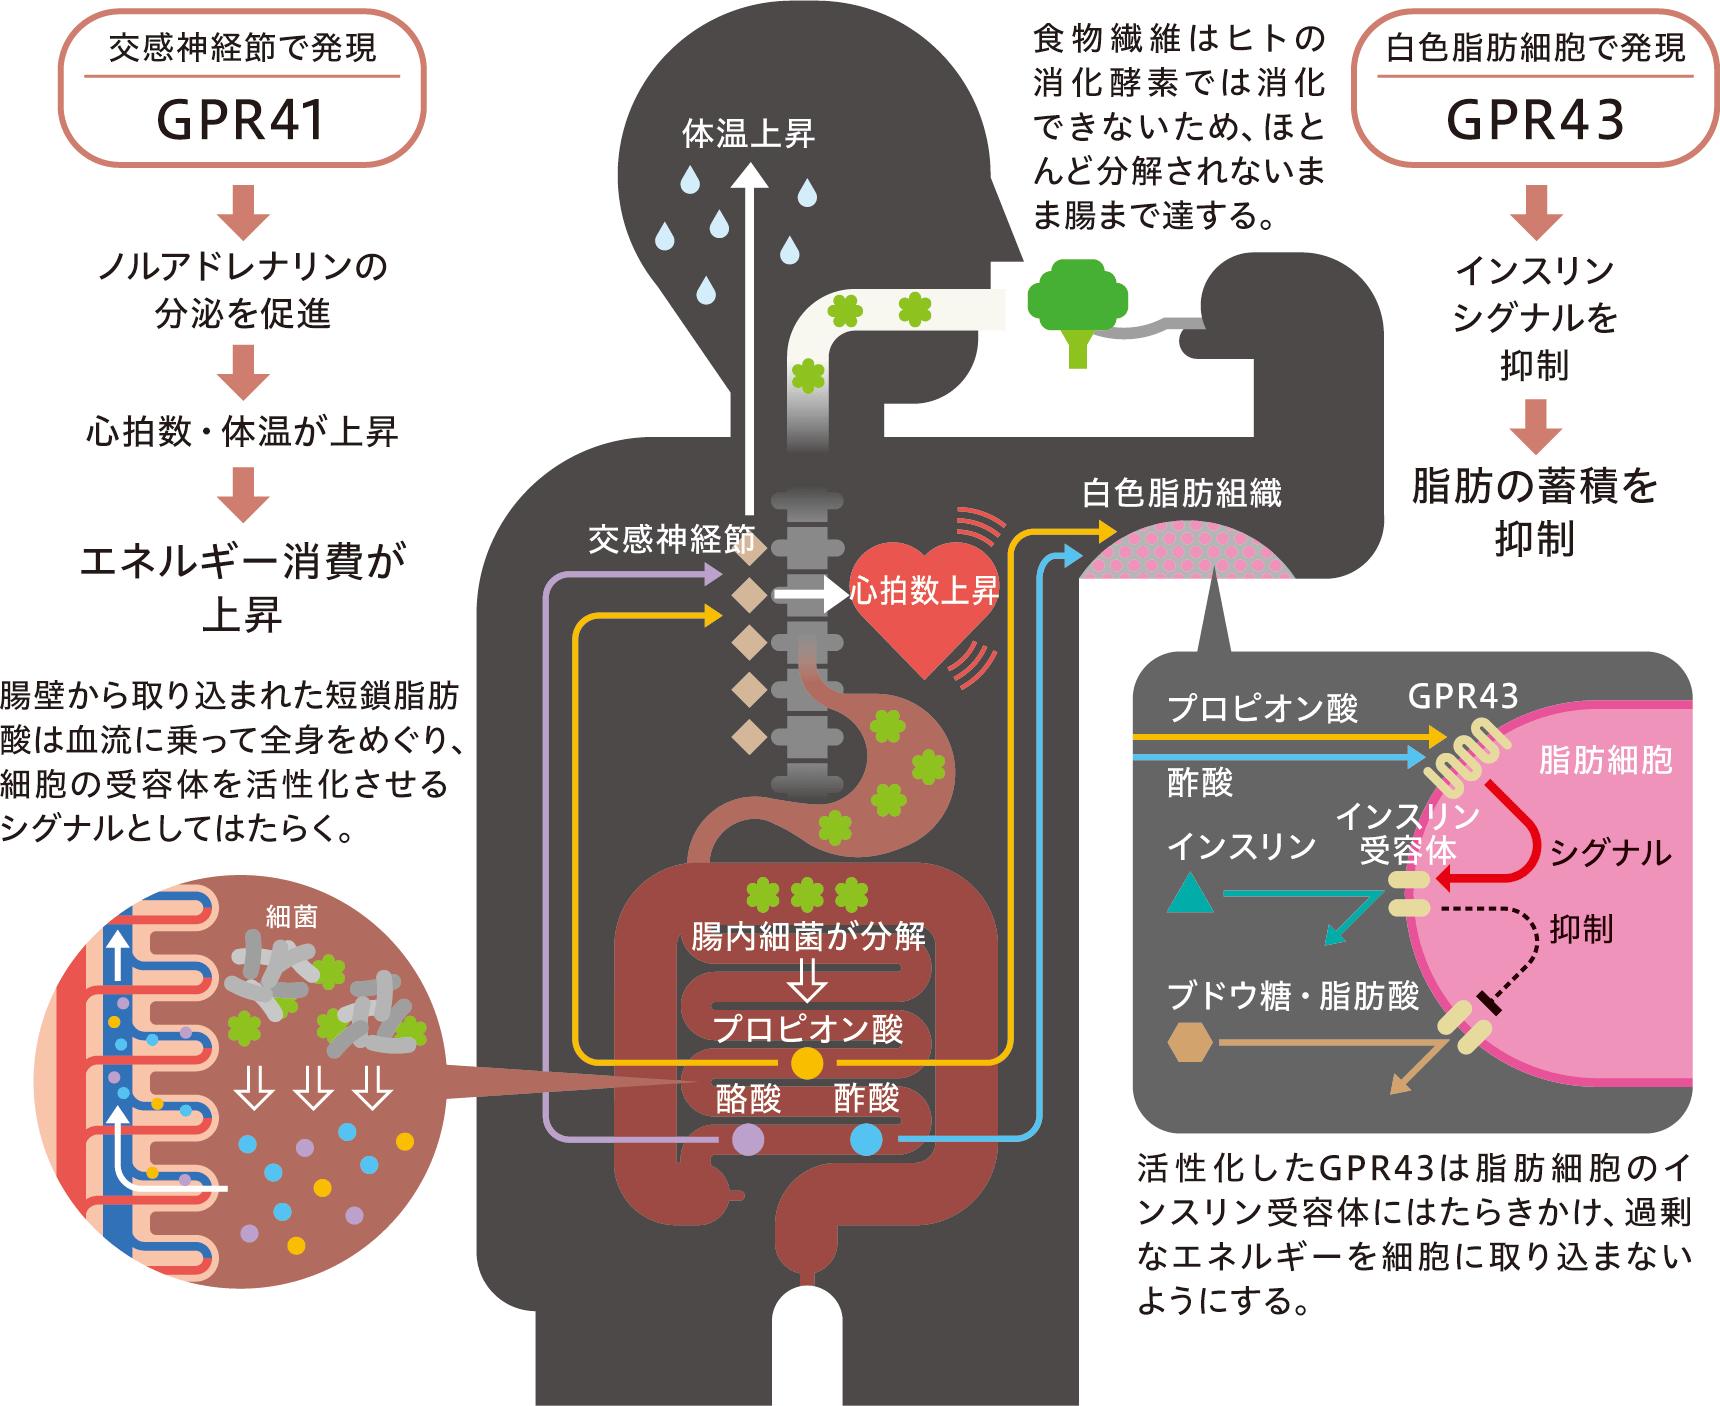 GPR43の作用をまとめた図